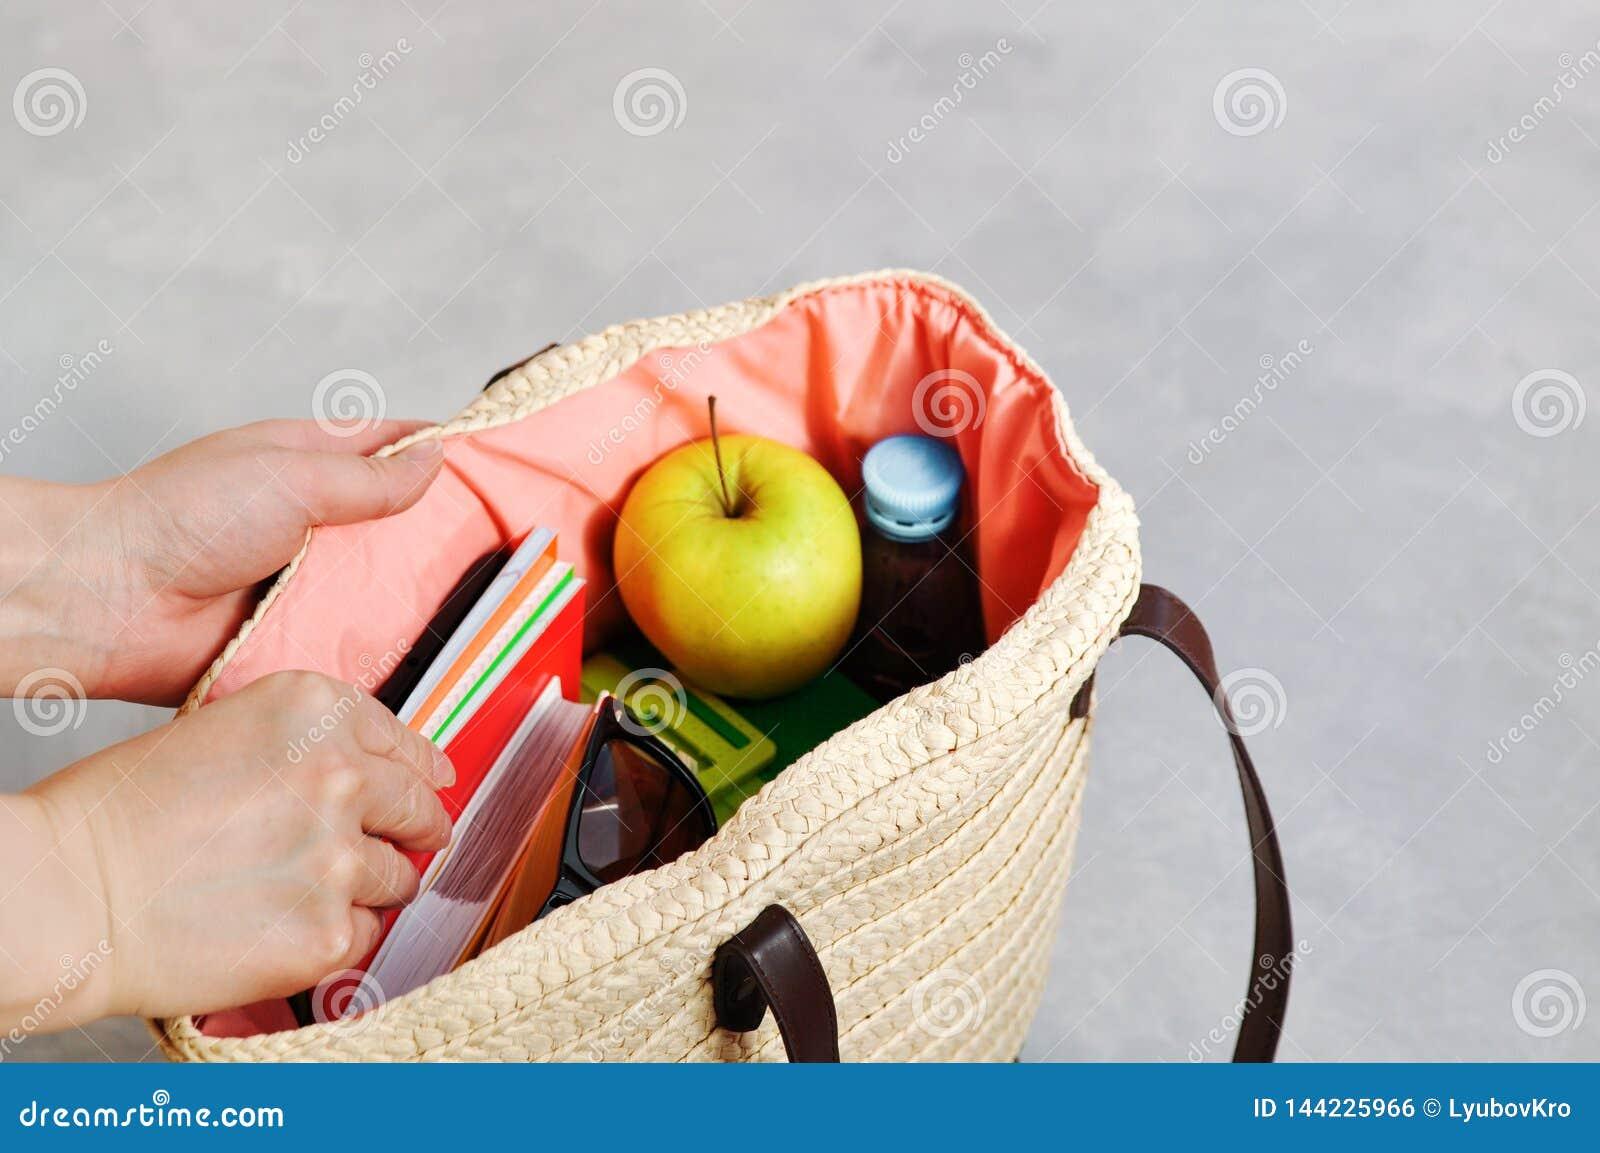 Τα χέρια παίρνουν τη μοντέρνη μοντέρνη ψάθινη τσάντα με τα εγχειρίδια και τα σημειωματάρια, το καλαθάκι με φαγητό και την πράσινη